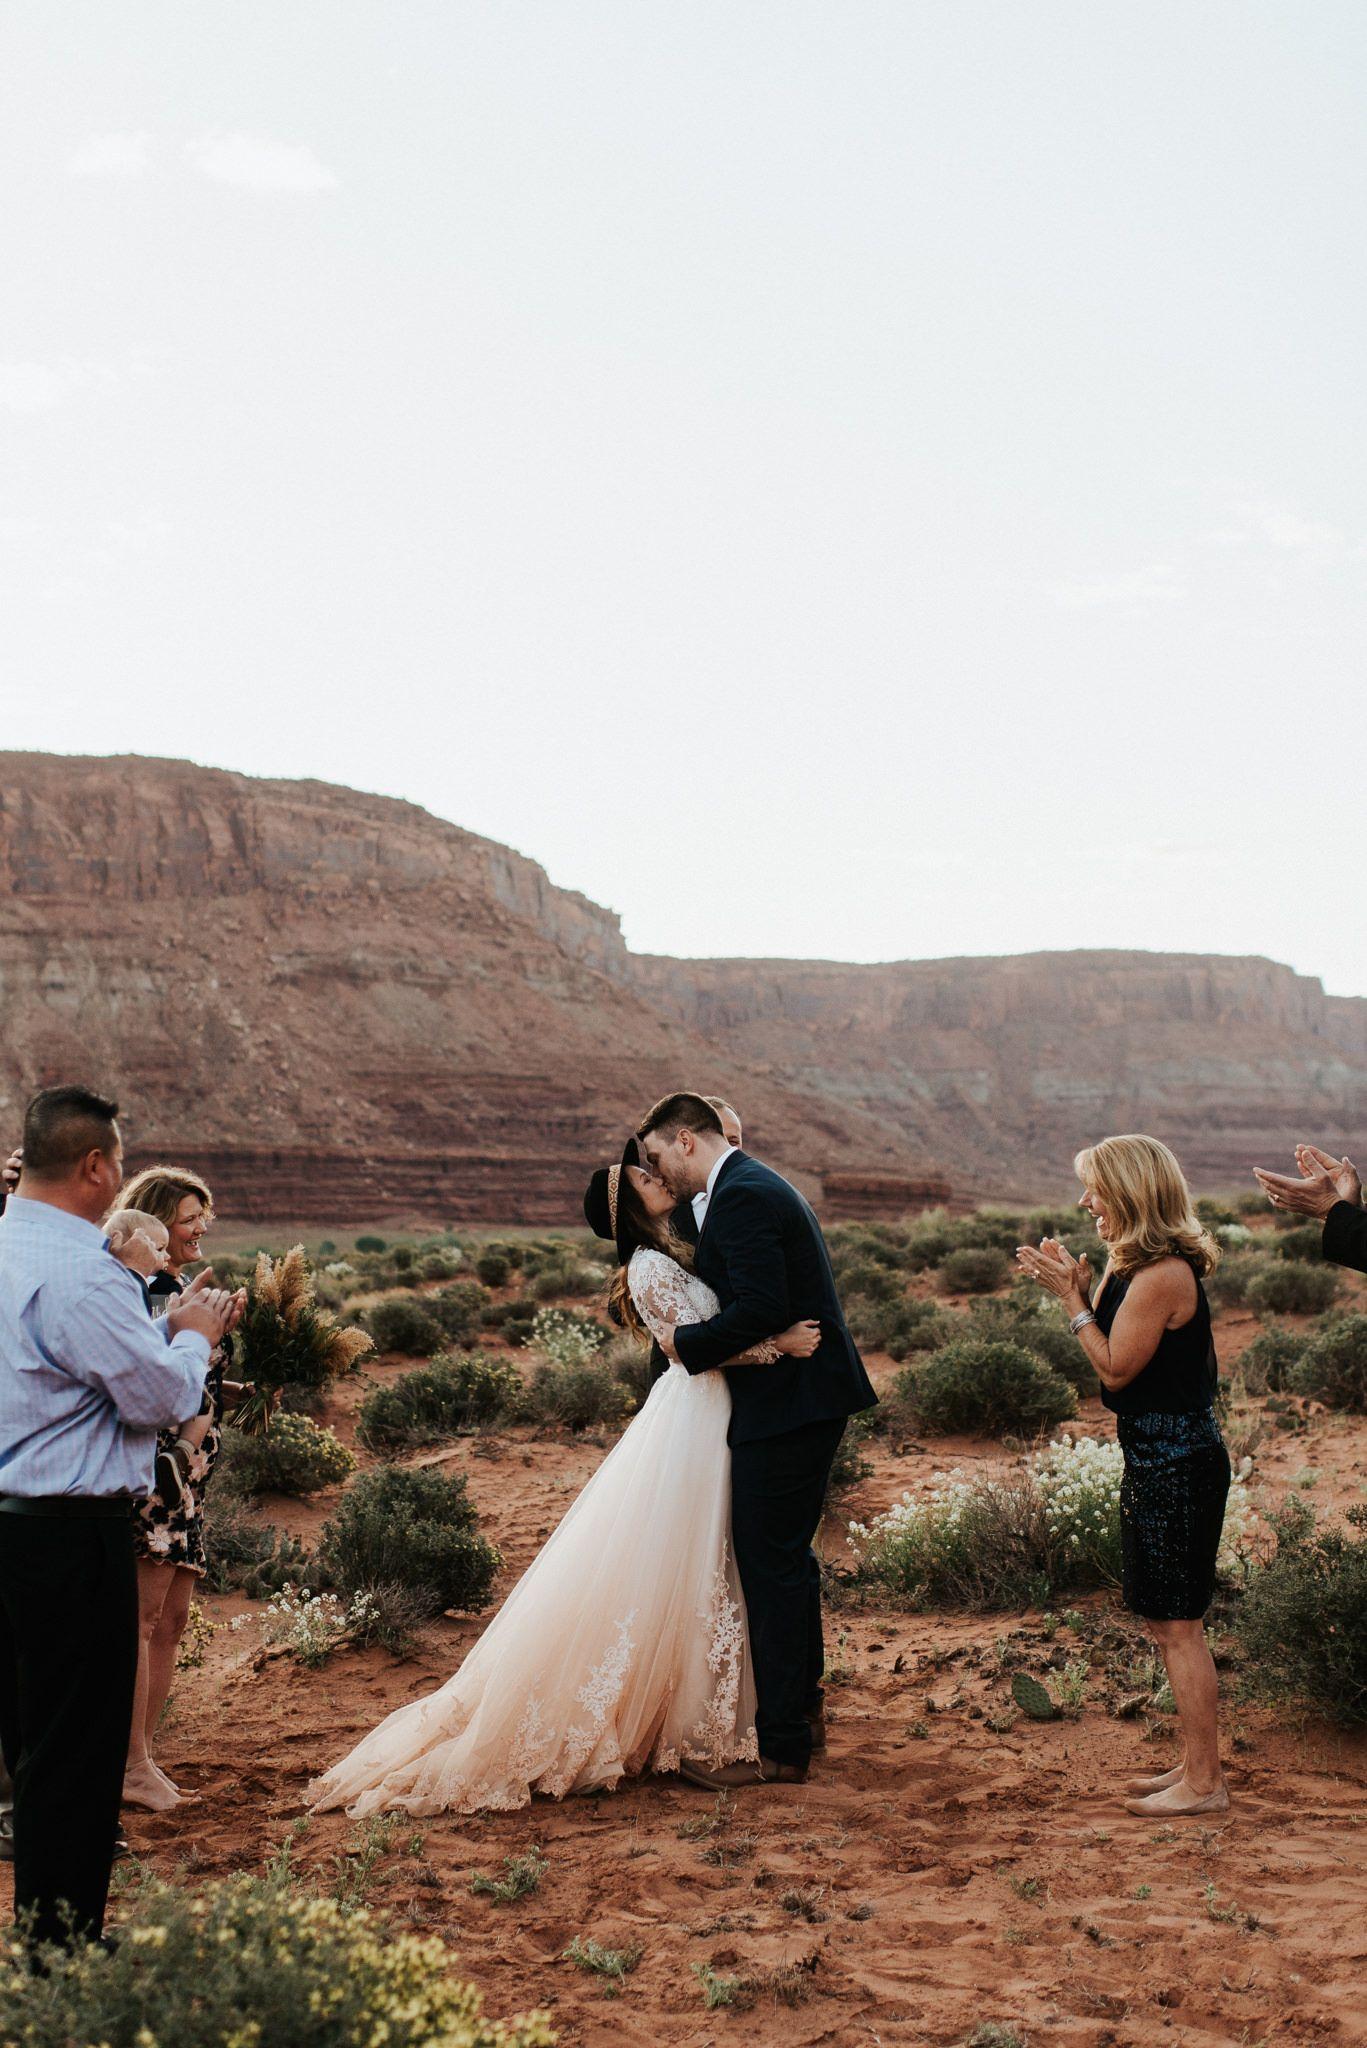 Moab, Utah Intimate Desert Elopement | CEREMONY DECOR + INSPO